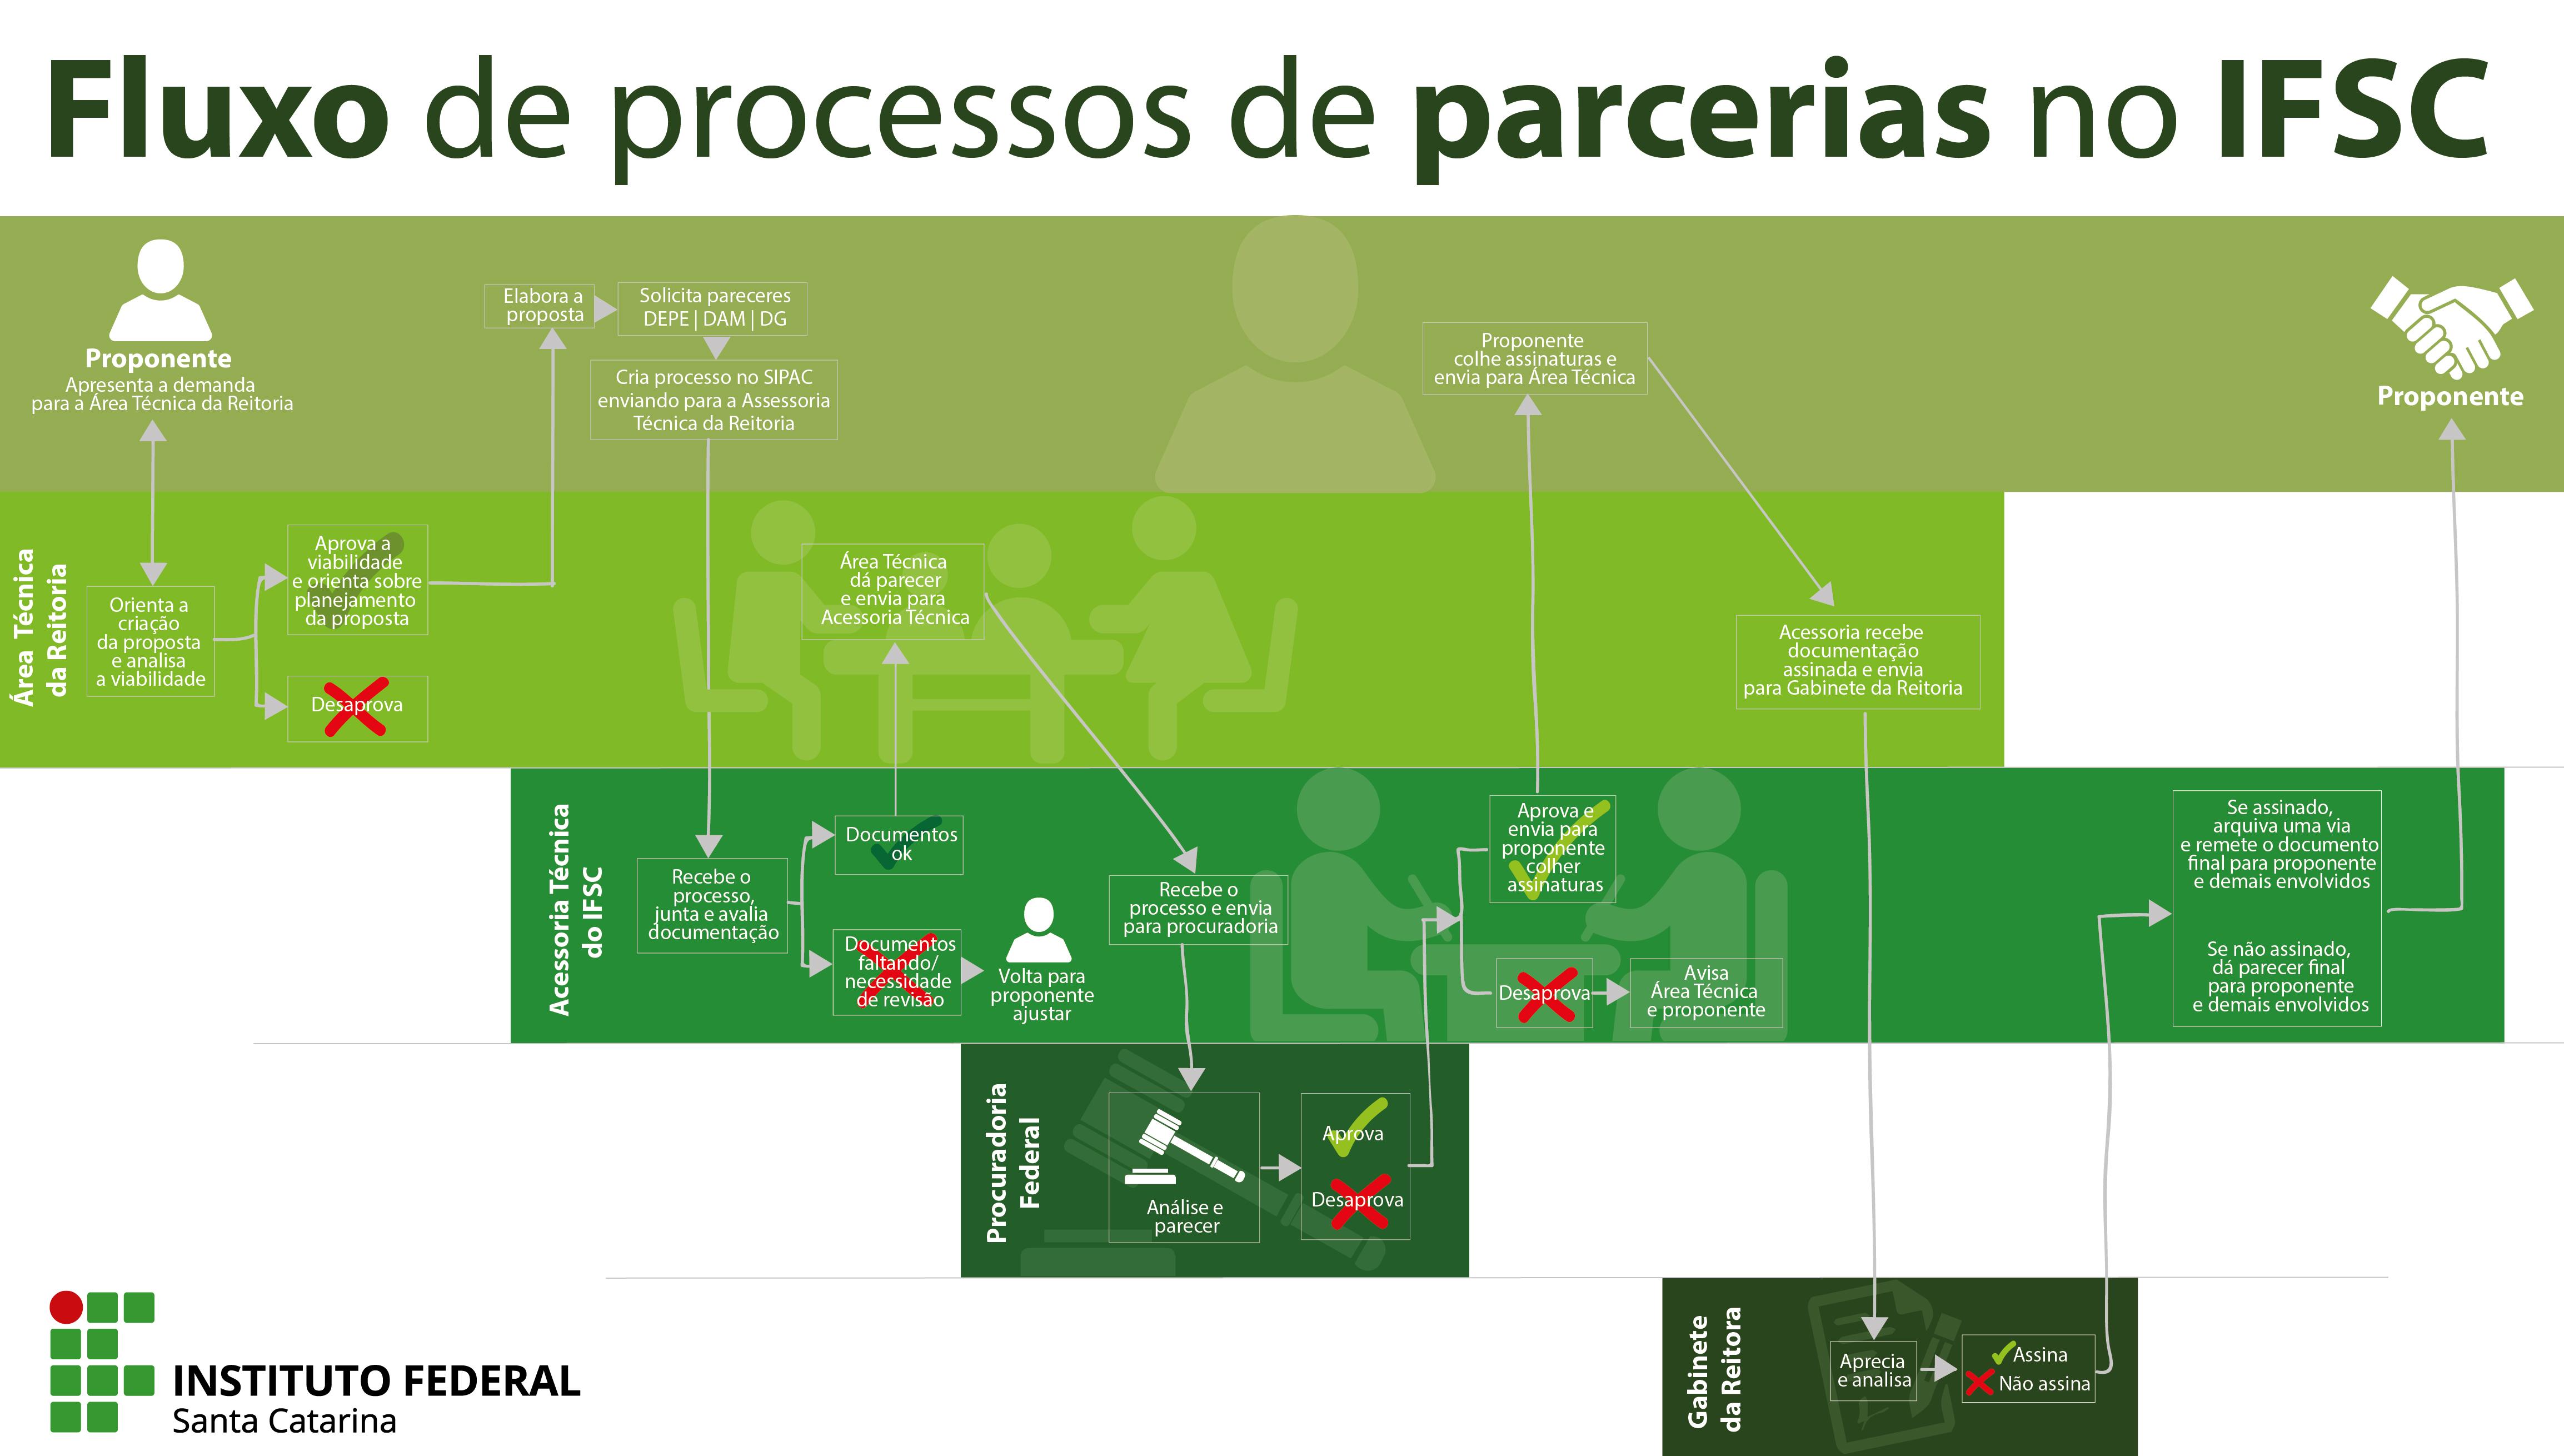 fluxo_parcerias_IFSC